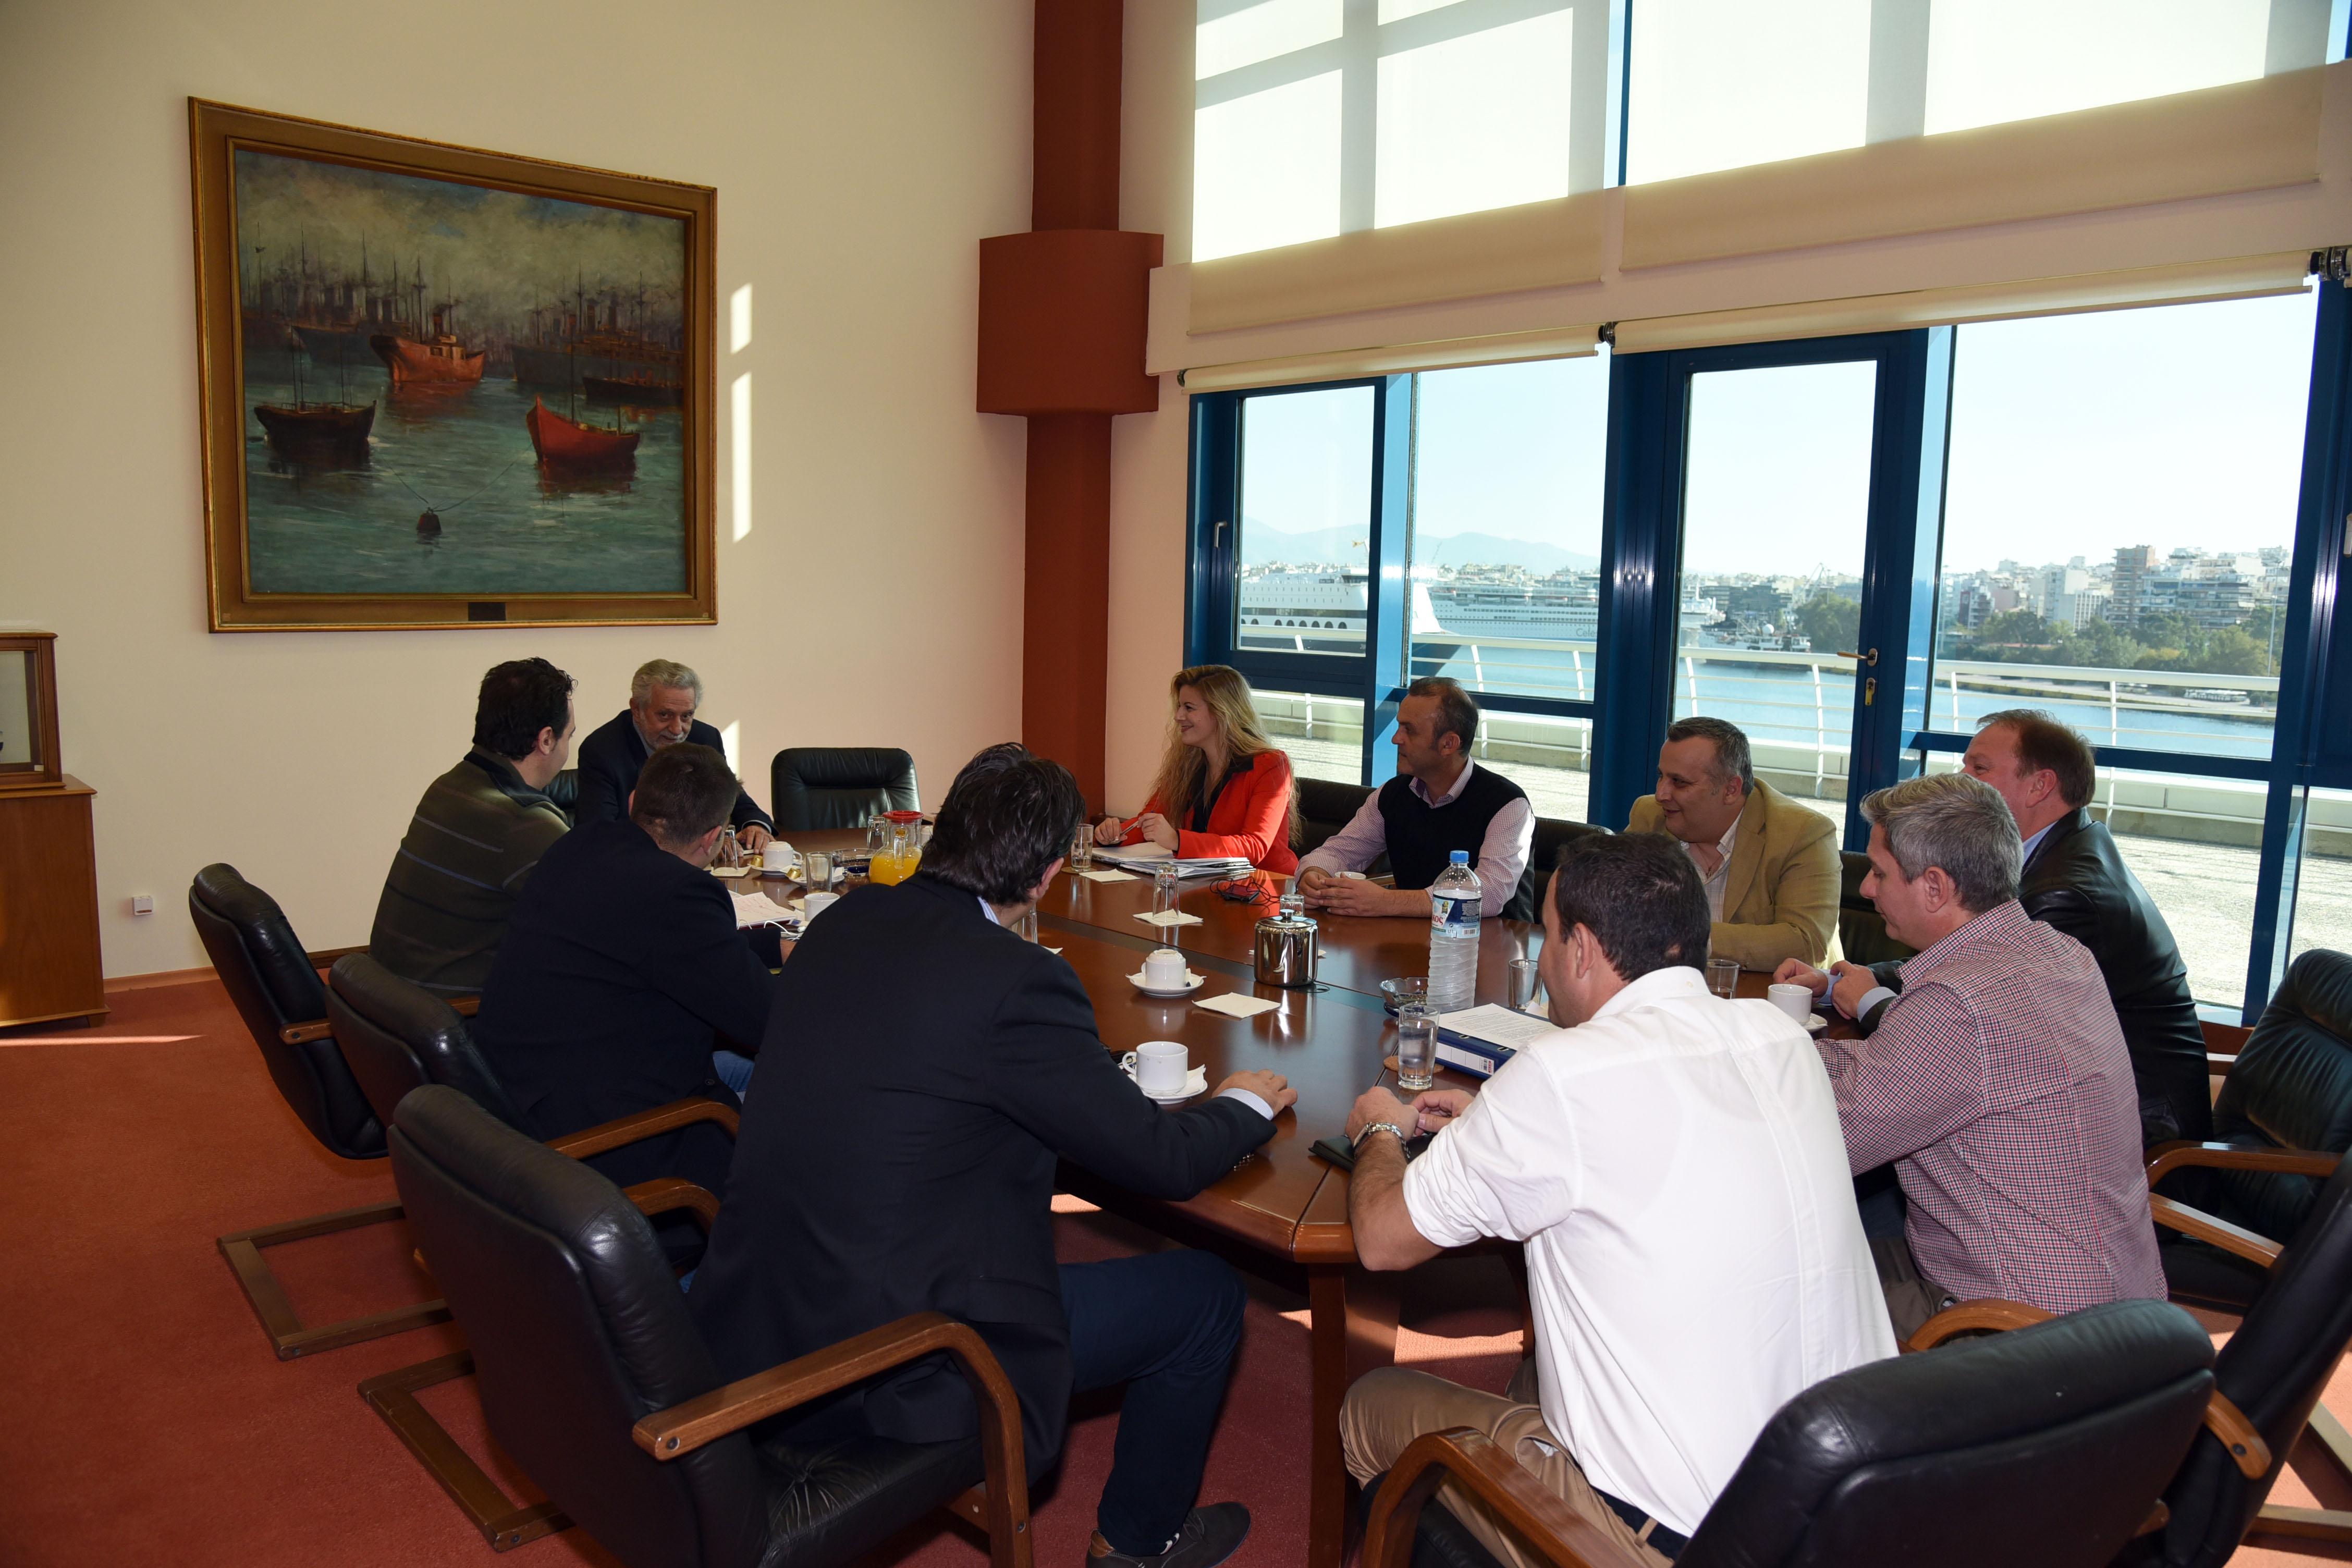 Συνάντηση με Υπουργό Ναυτιλίας και κατάθεση προτάσεων για νομοθετικές ρυθμίσεις